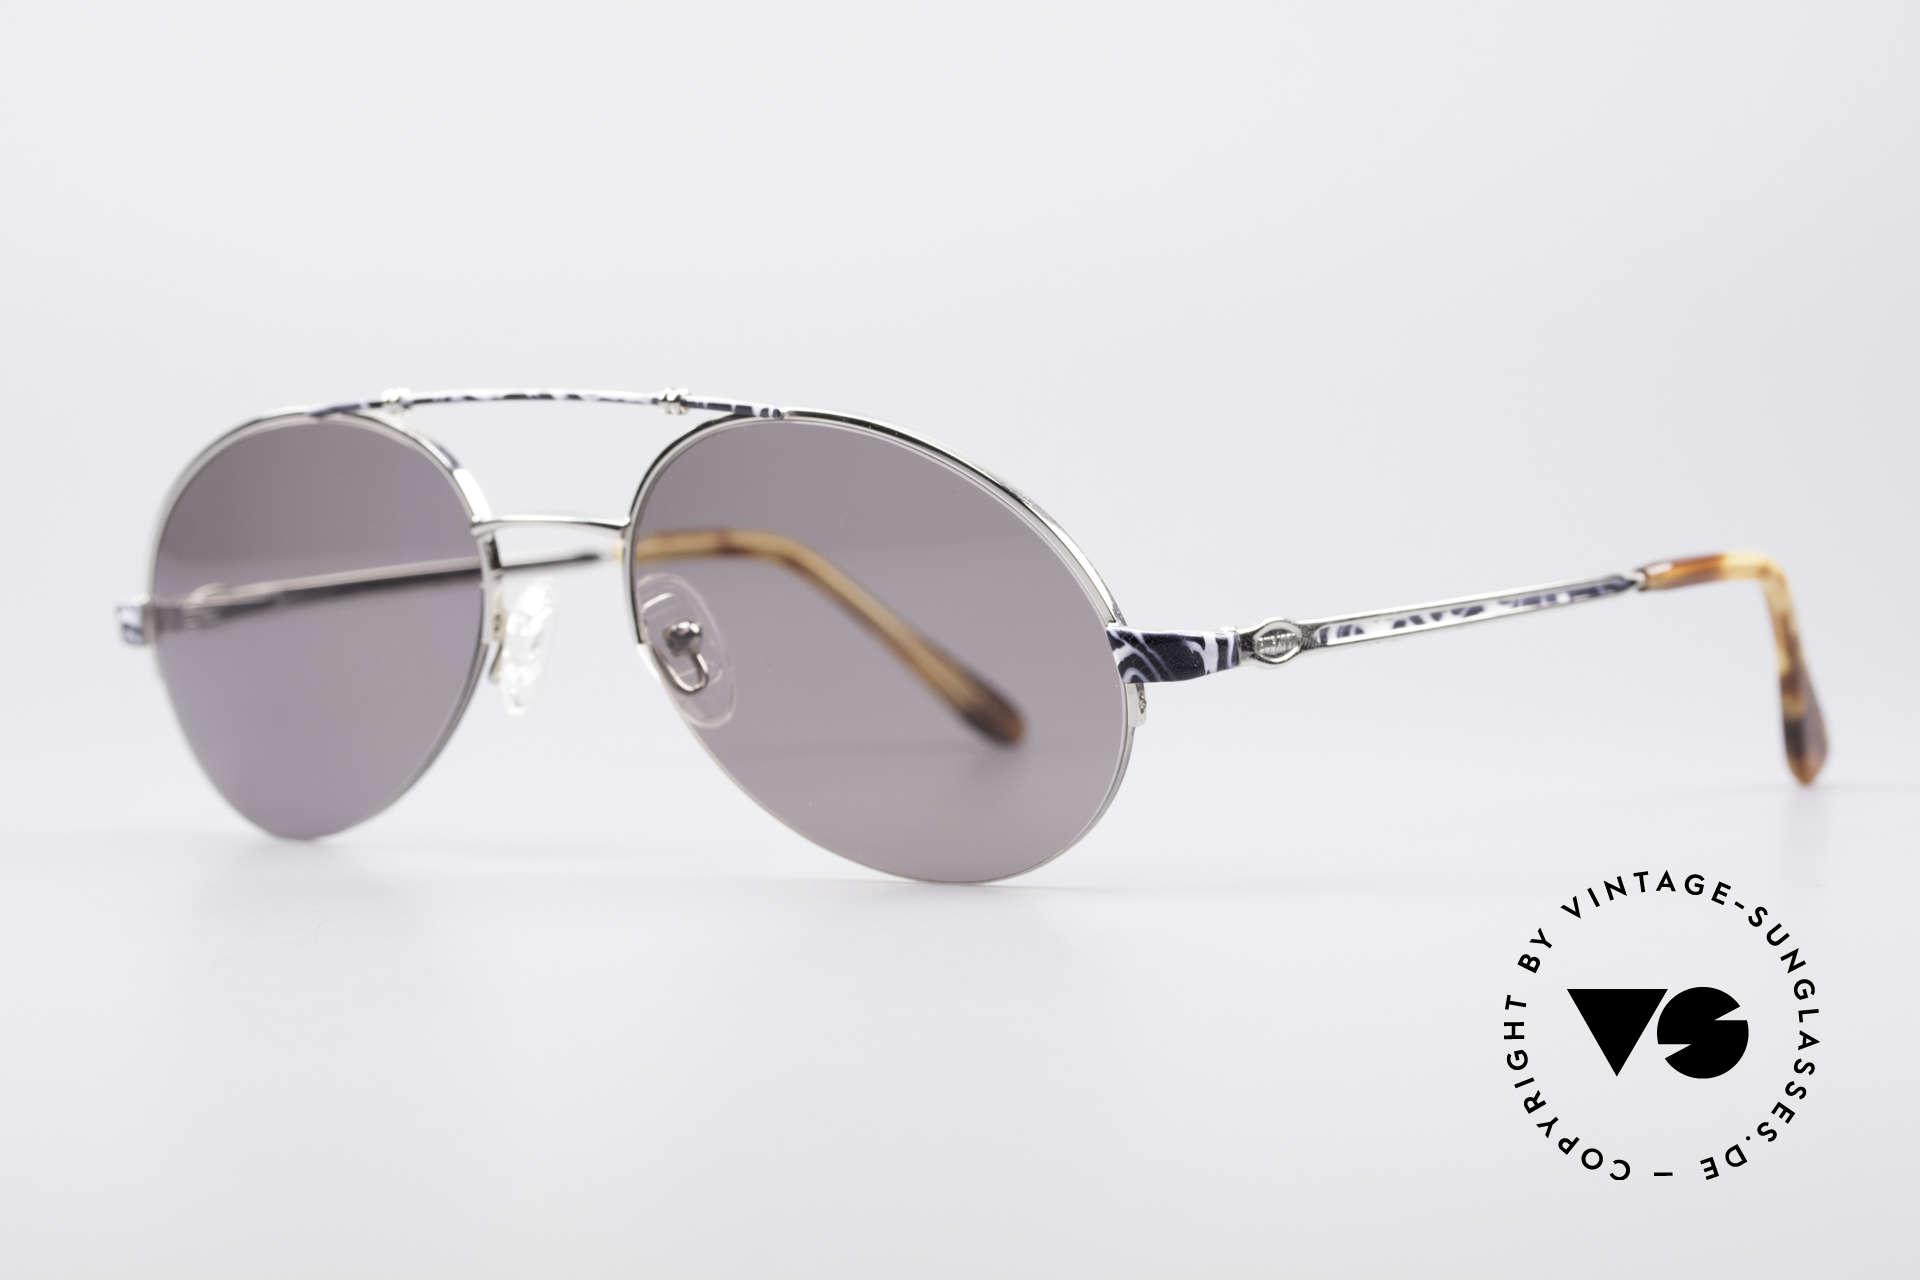 Bugatti 14651 90er Vintage Herrenbrille, typisches Bugatti Herrendesign (eigene Tropfenform), Passend für Herren